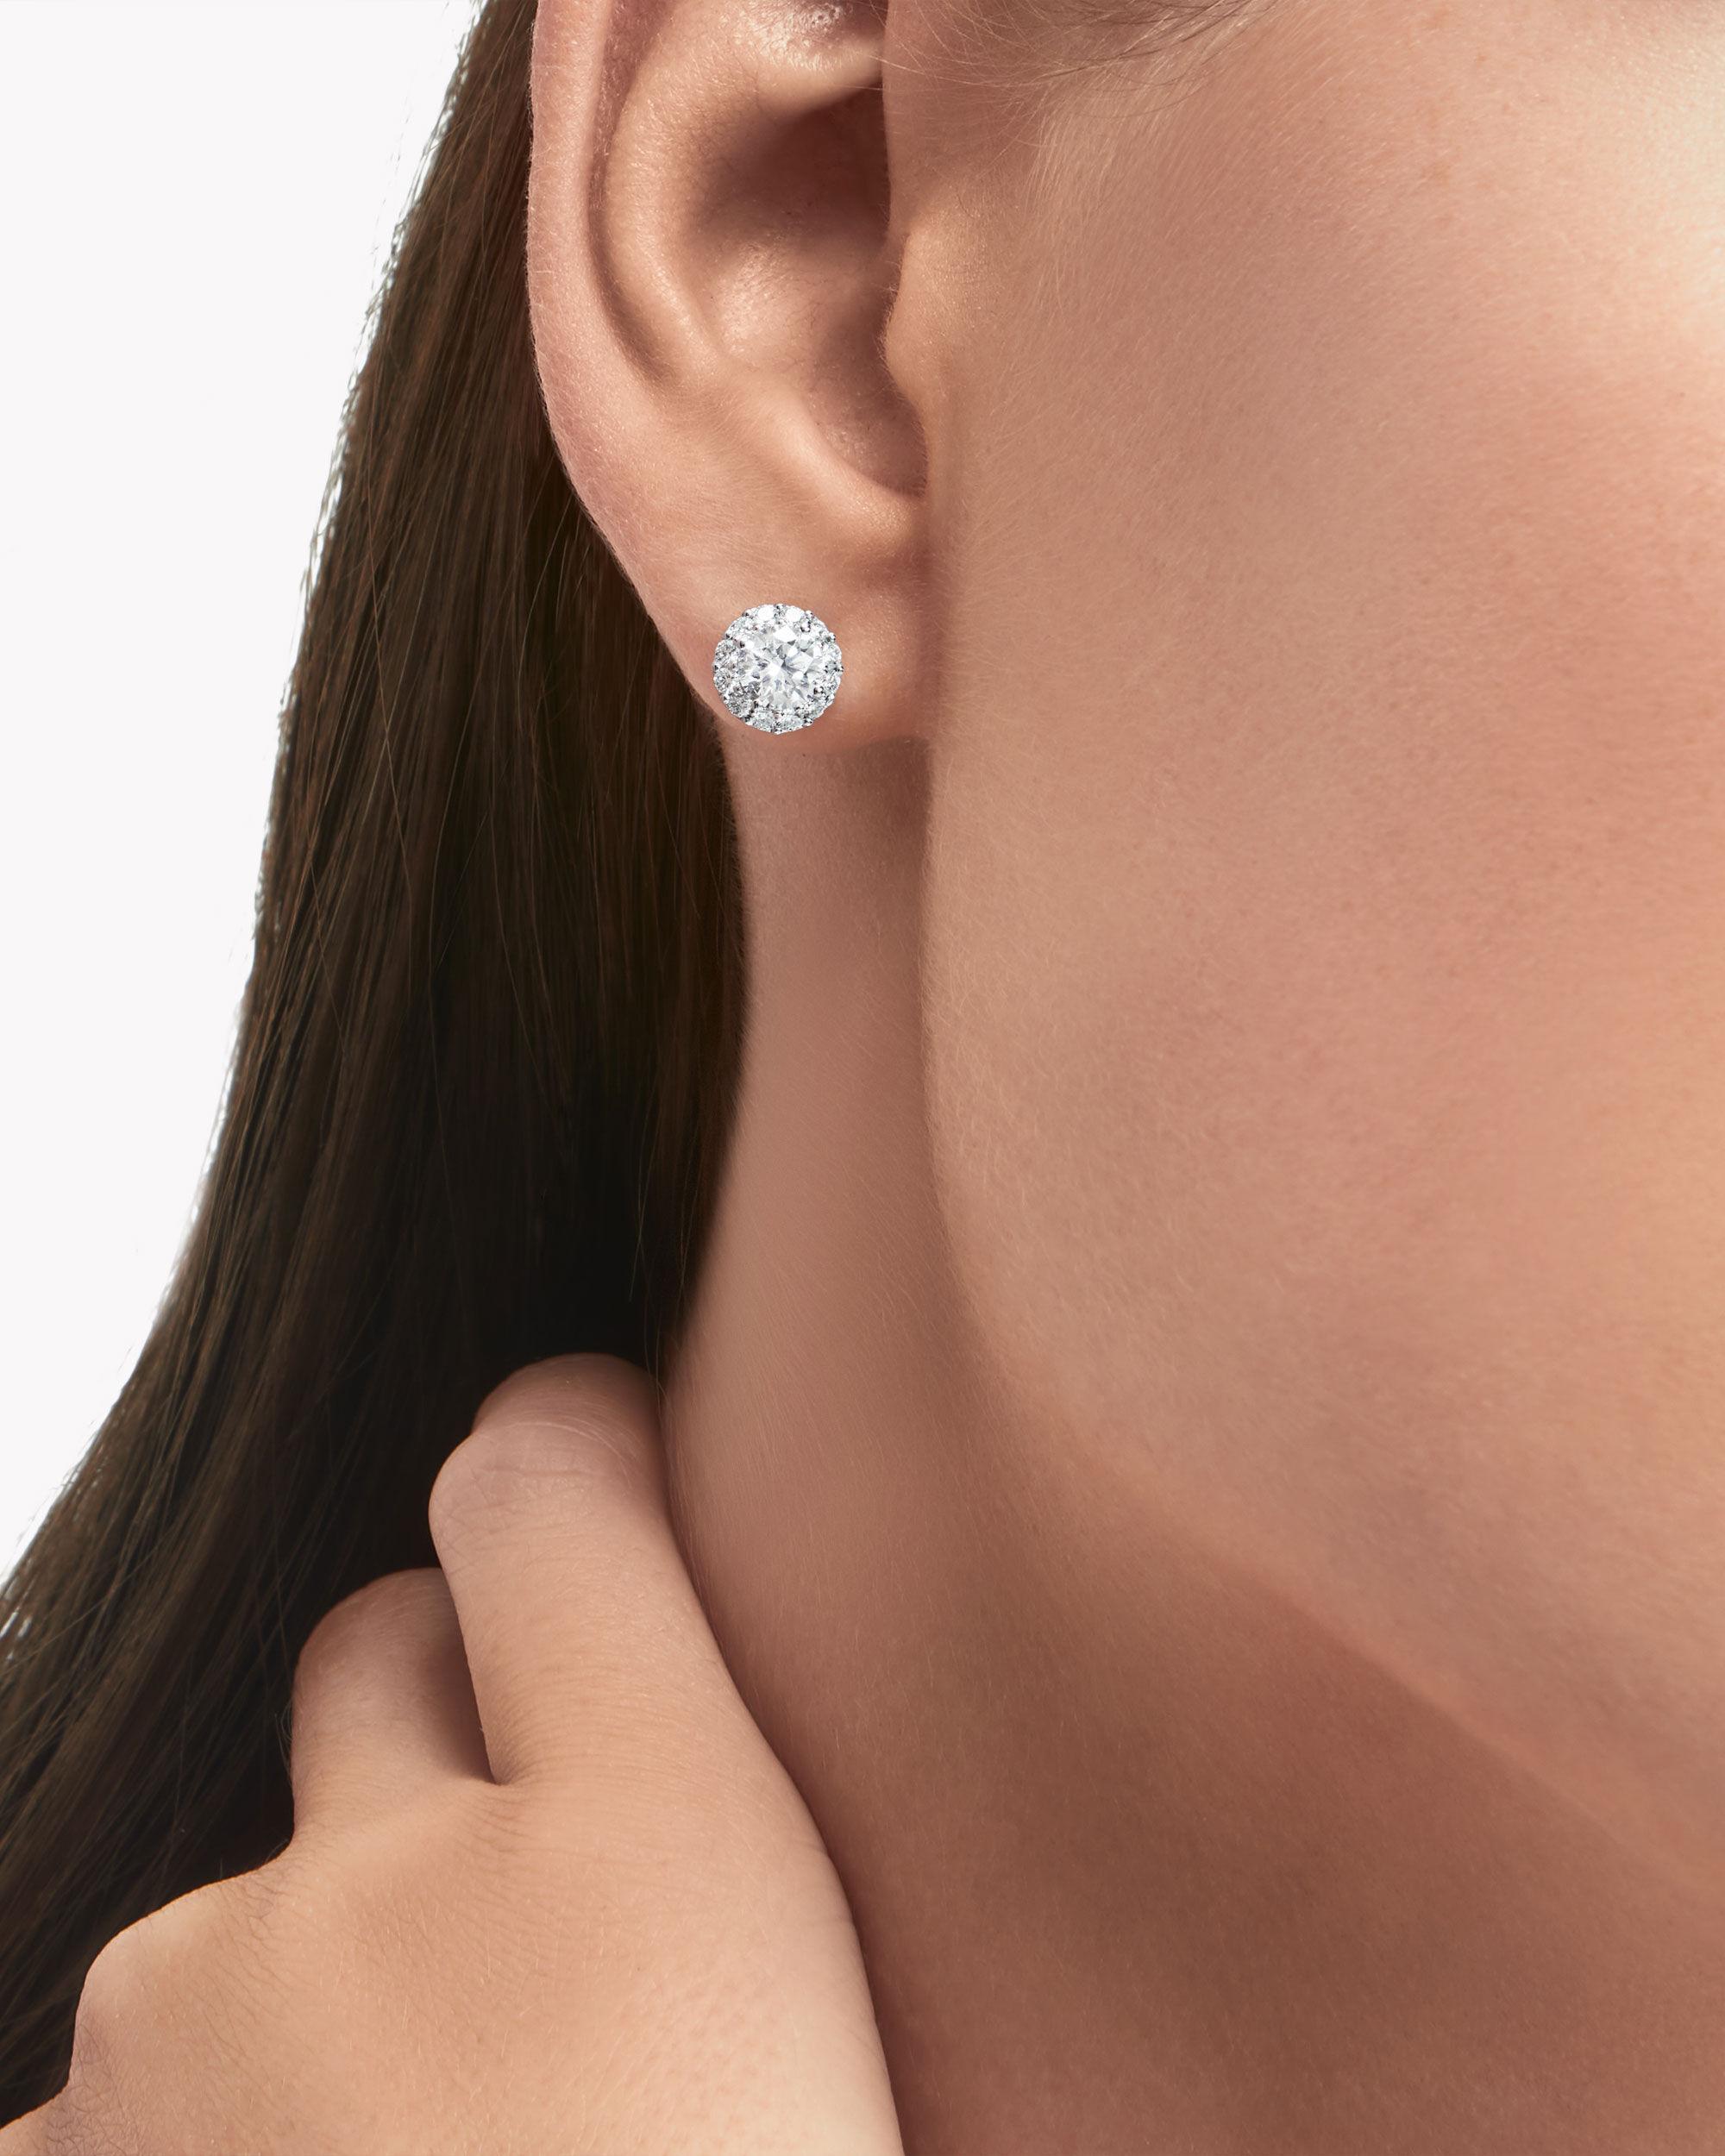 Model wears the Graff jewellery collection diamond earrings